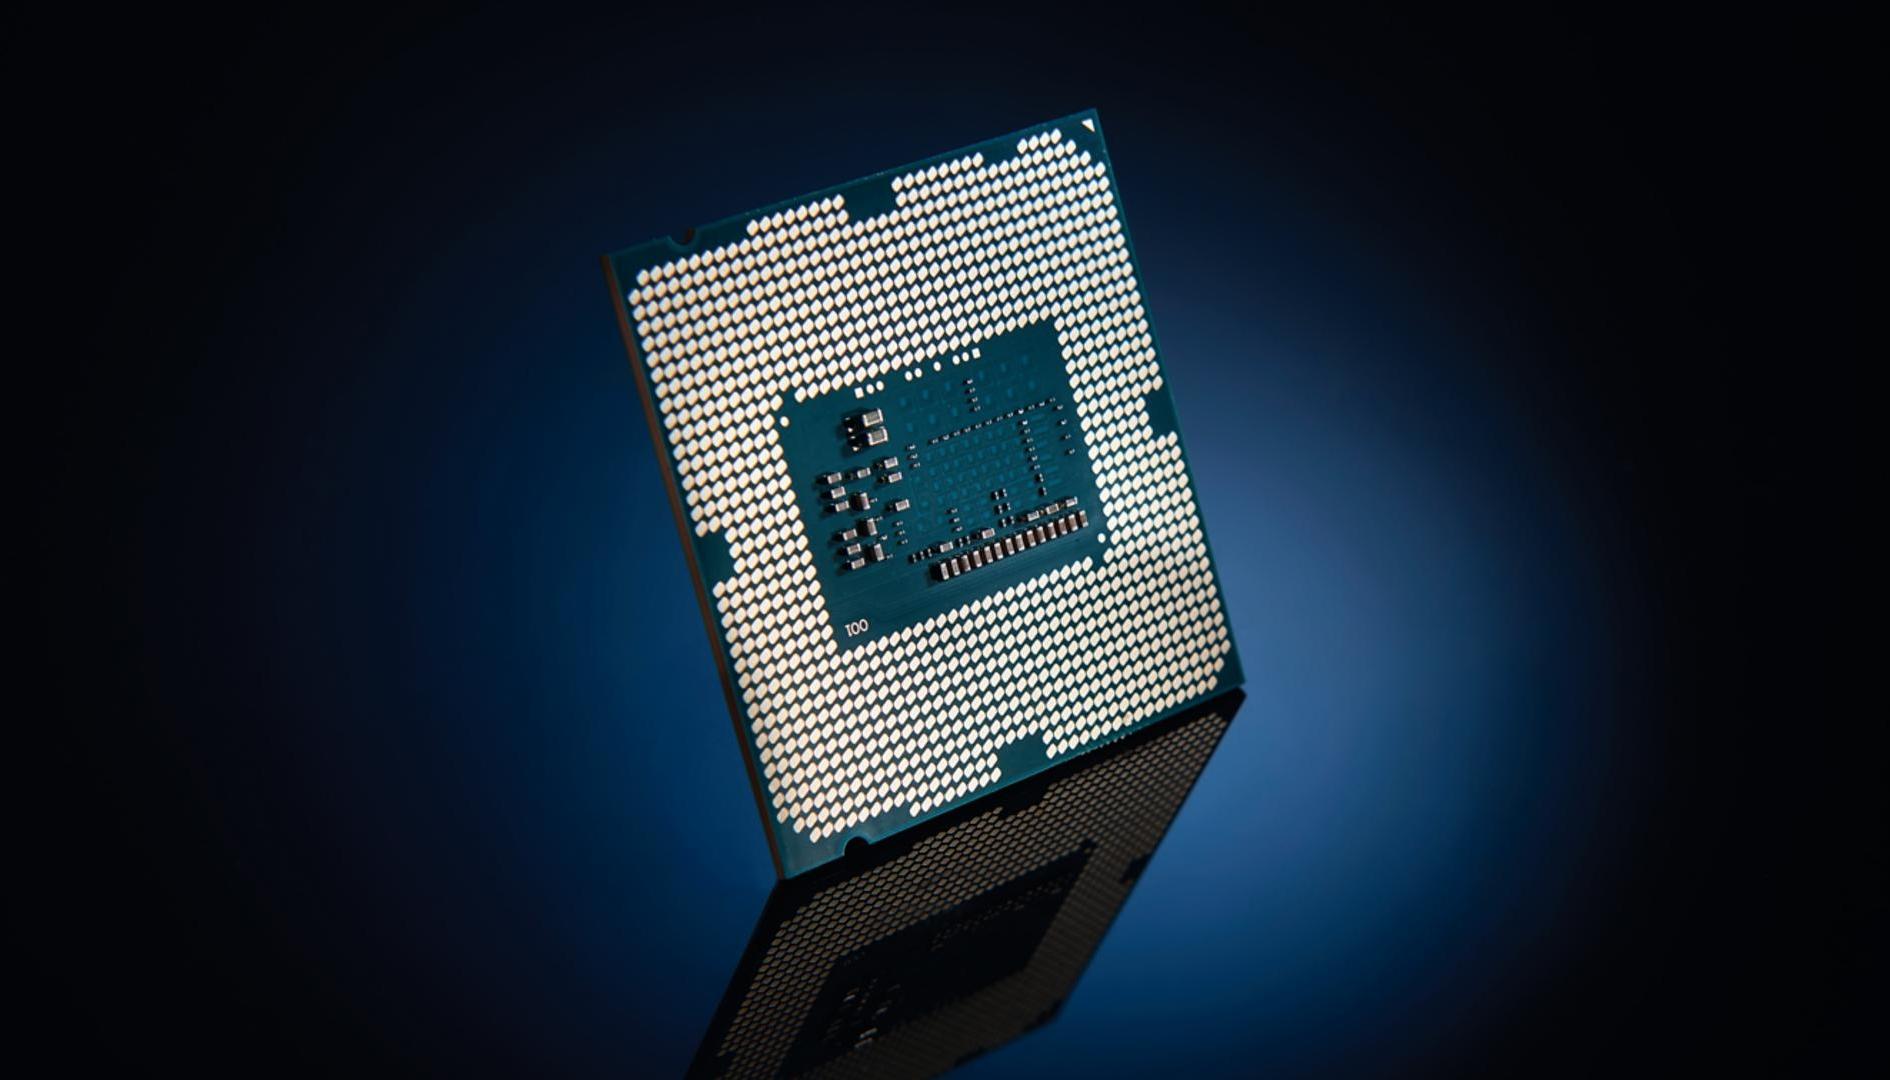 Chipset Intel 495 per Comet Lake mobile, svelate le caratteristiche